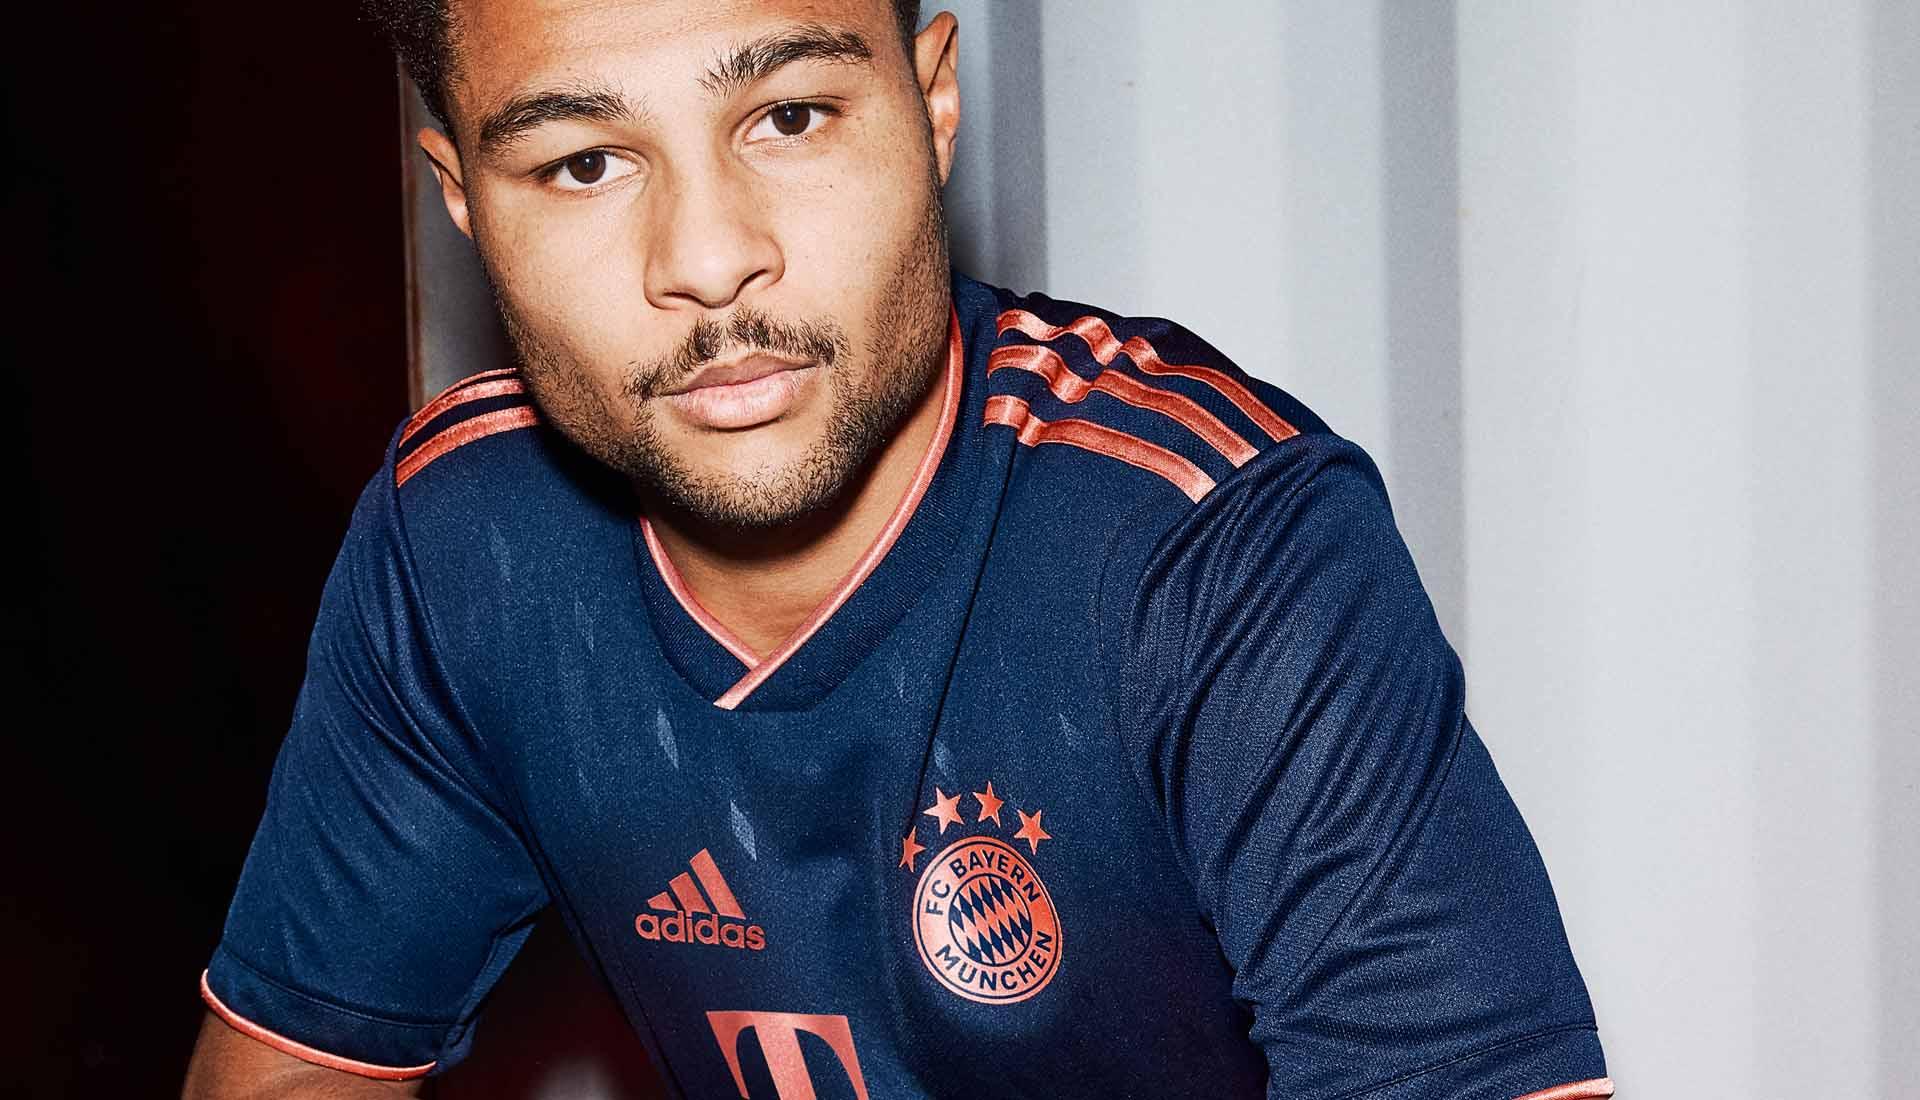 100% authentic f597d d74d7 adidas Launch Bayern Munich 2019/20 Third Shirt - SoccerBible